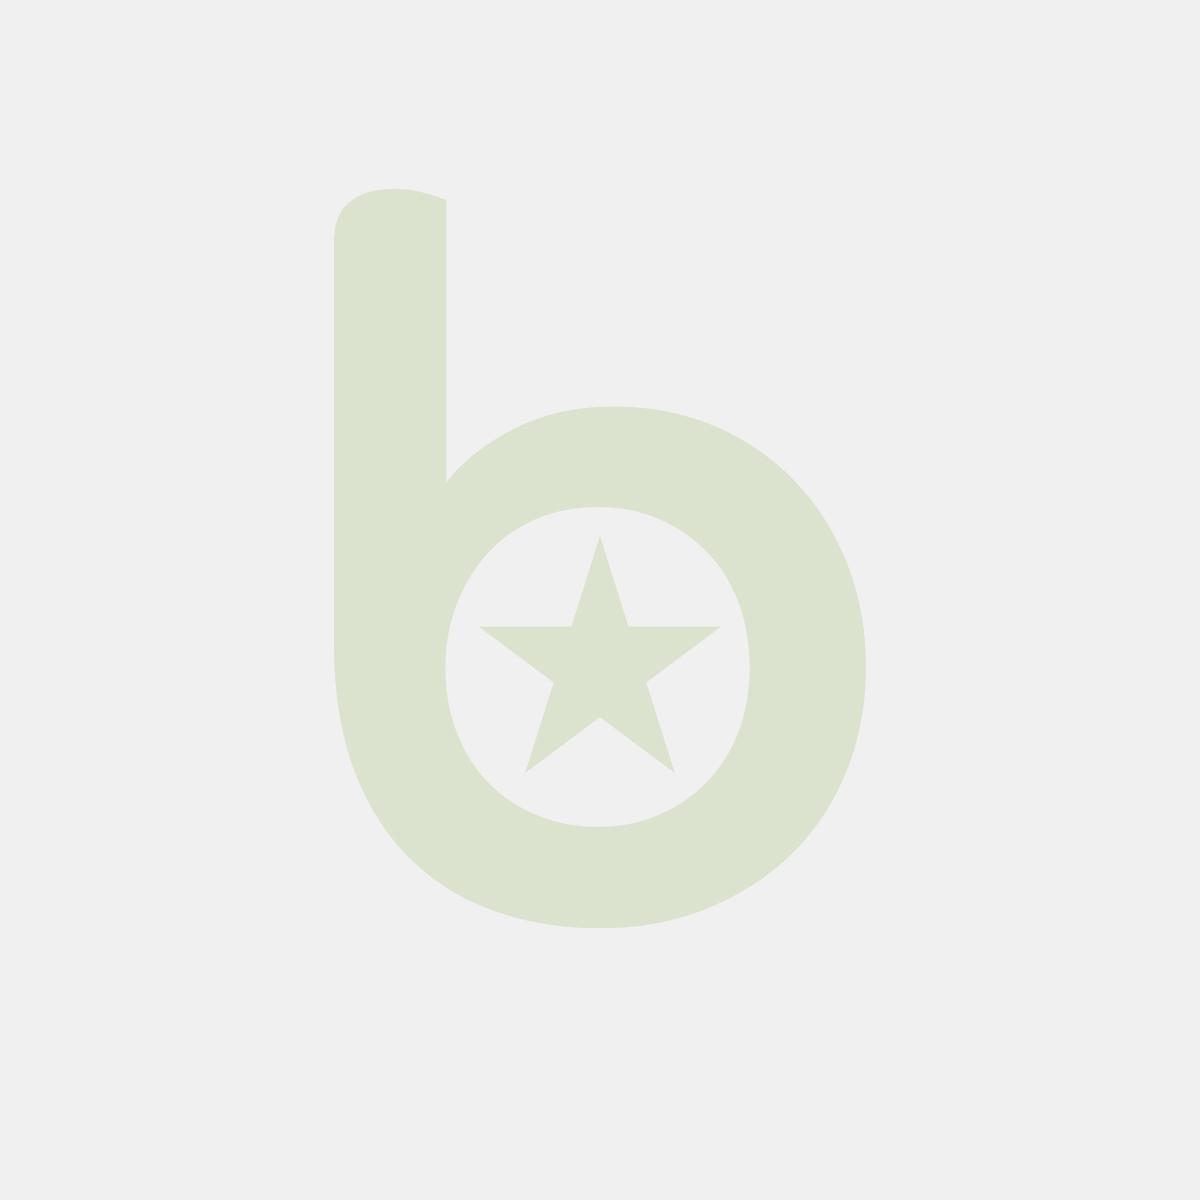 Bloczek samoprzylepny DONAU, 127x76mm, 1x100 kart., jasnożółty